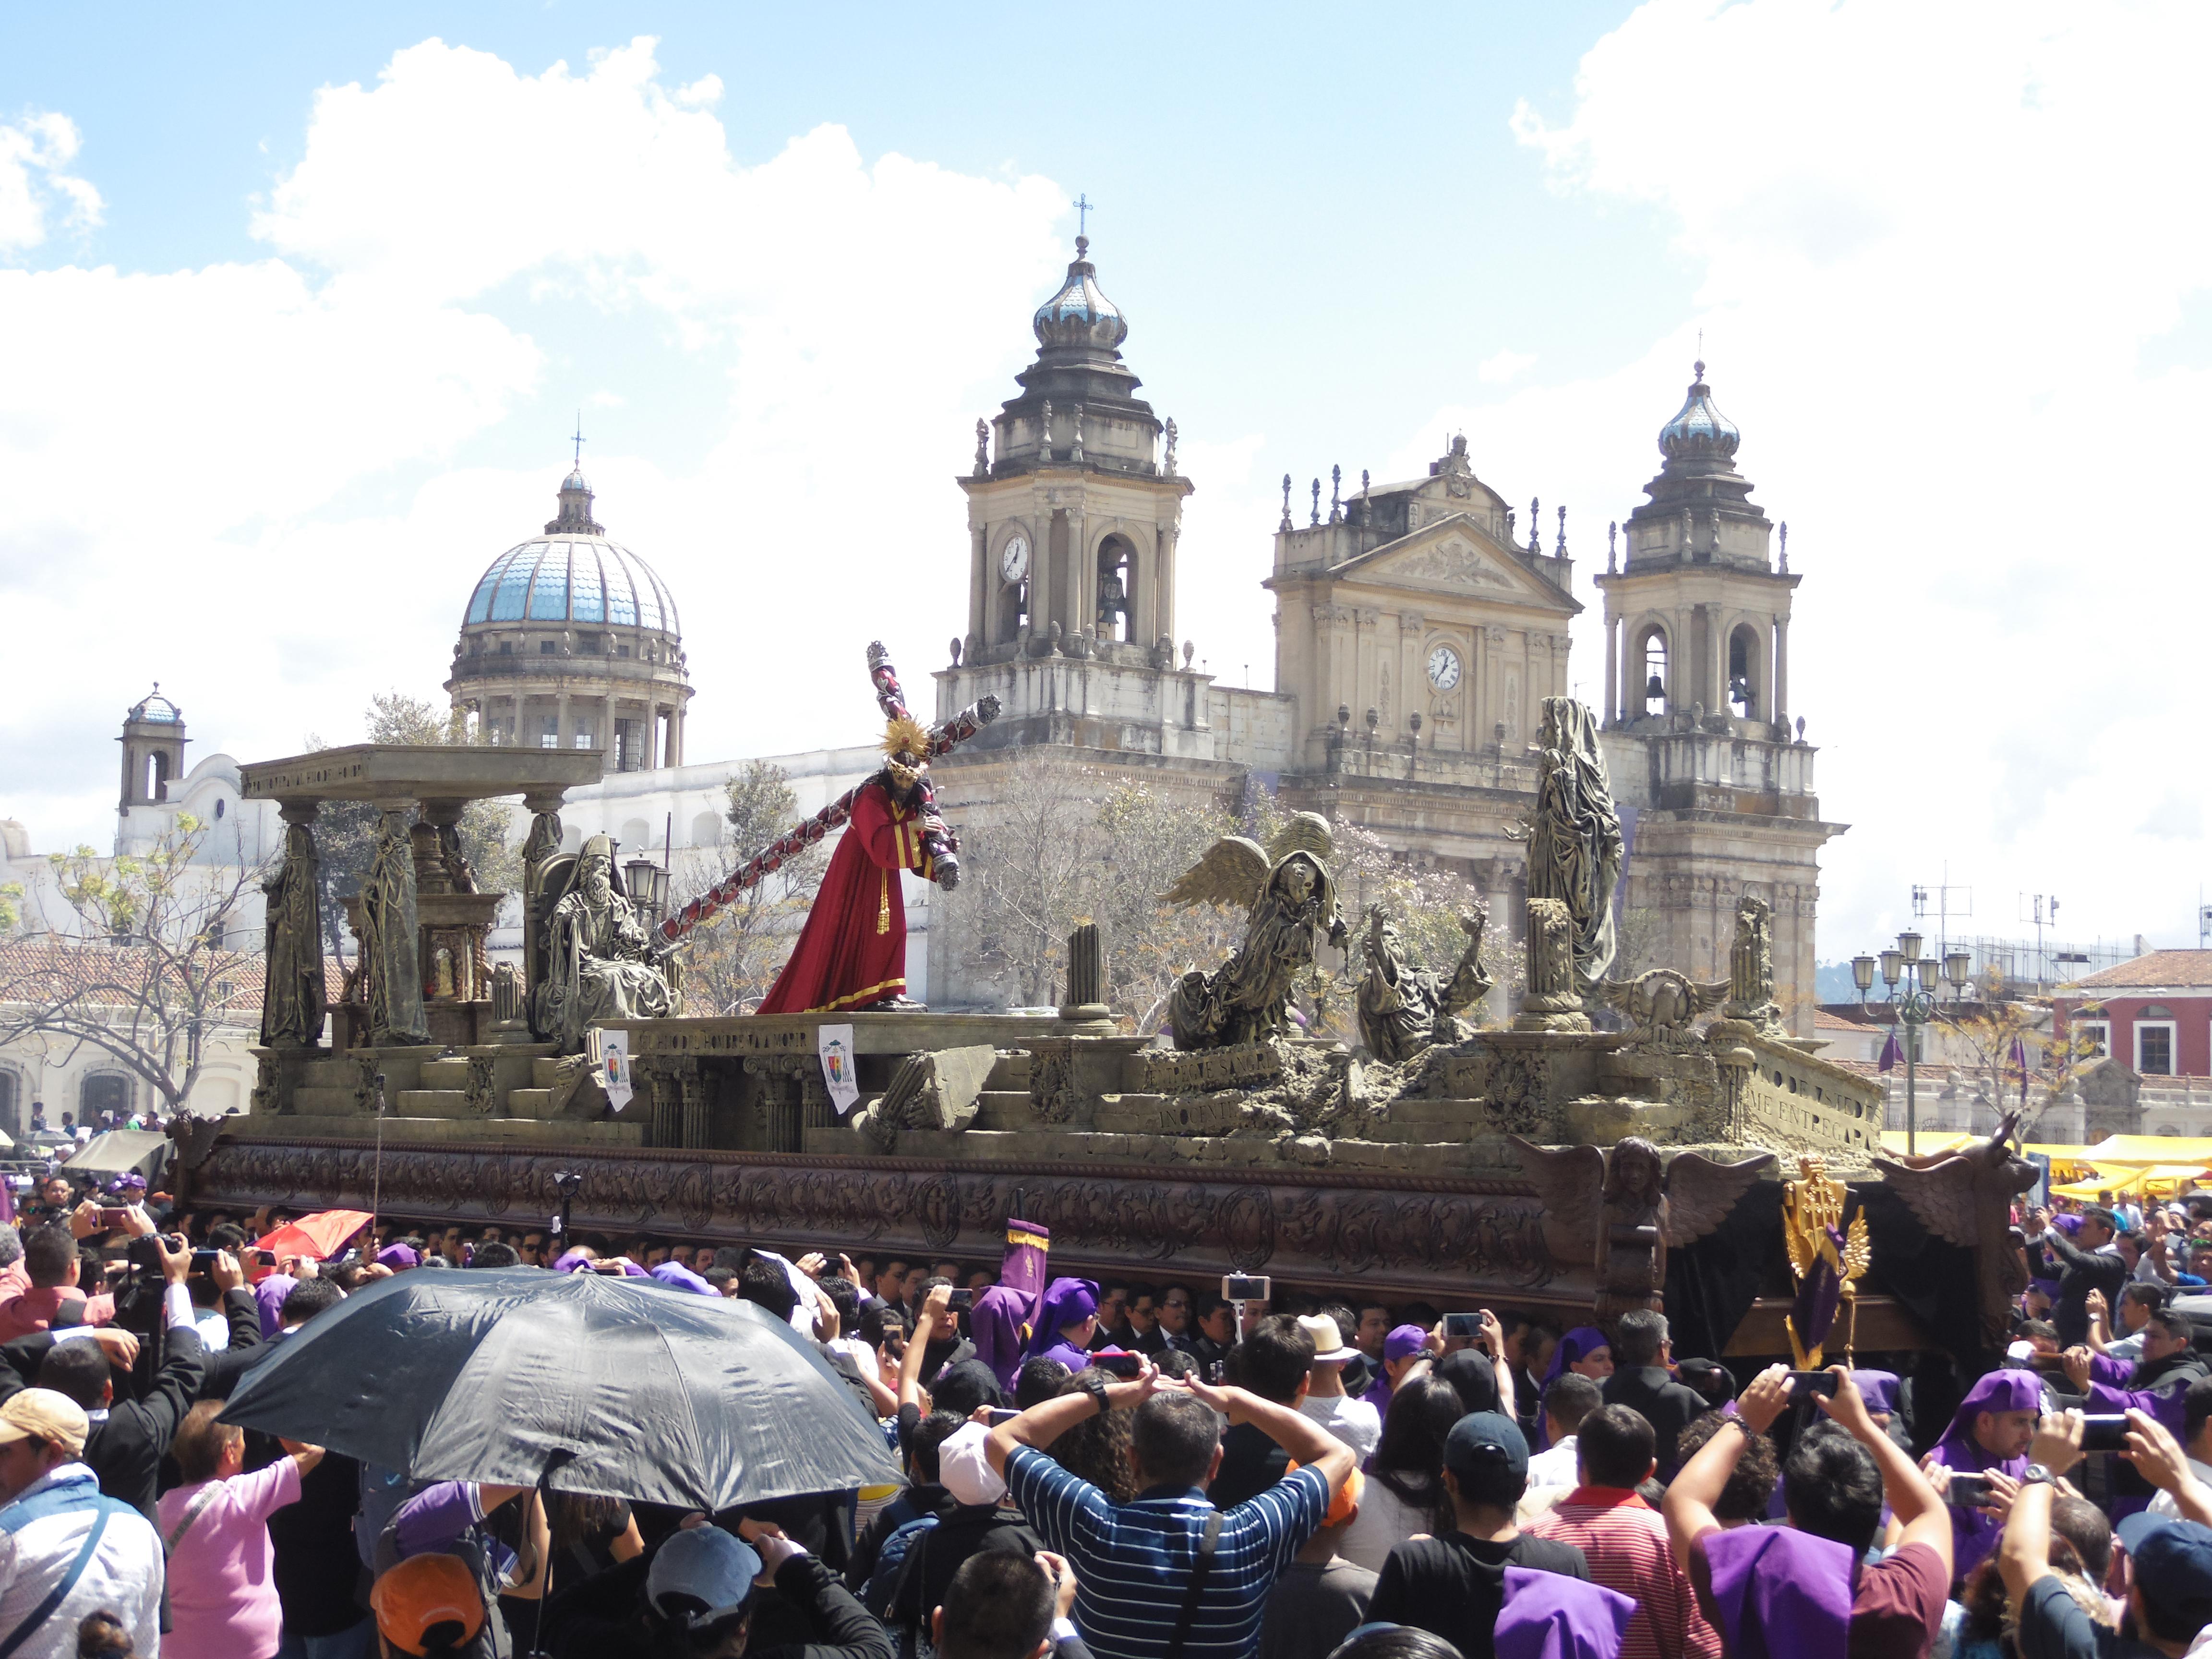 La procesión de Jesús Nazareno de la Justicia sale en procesión como es tradicional el segundo domingo de cuaresma. (Foto: Néstor Galicia)